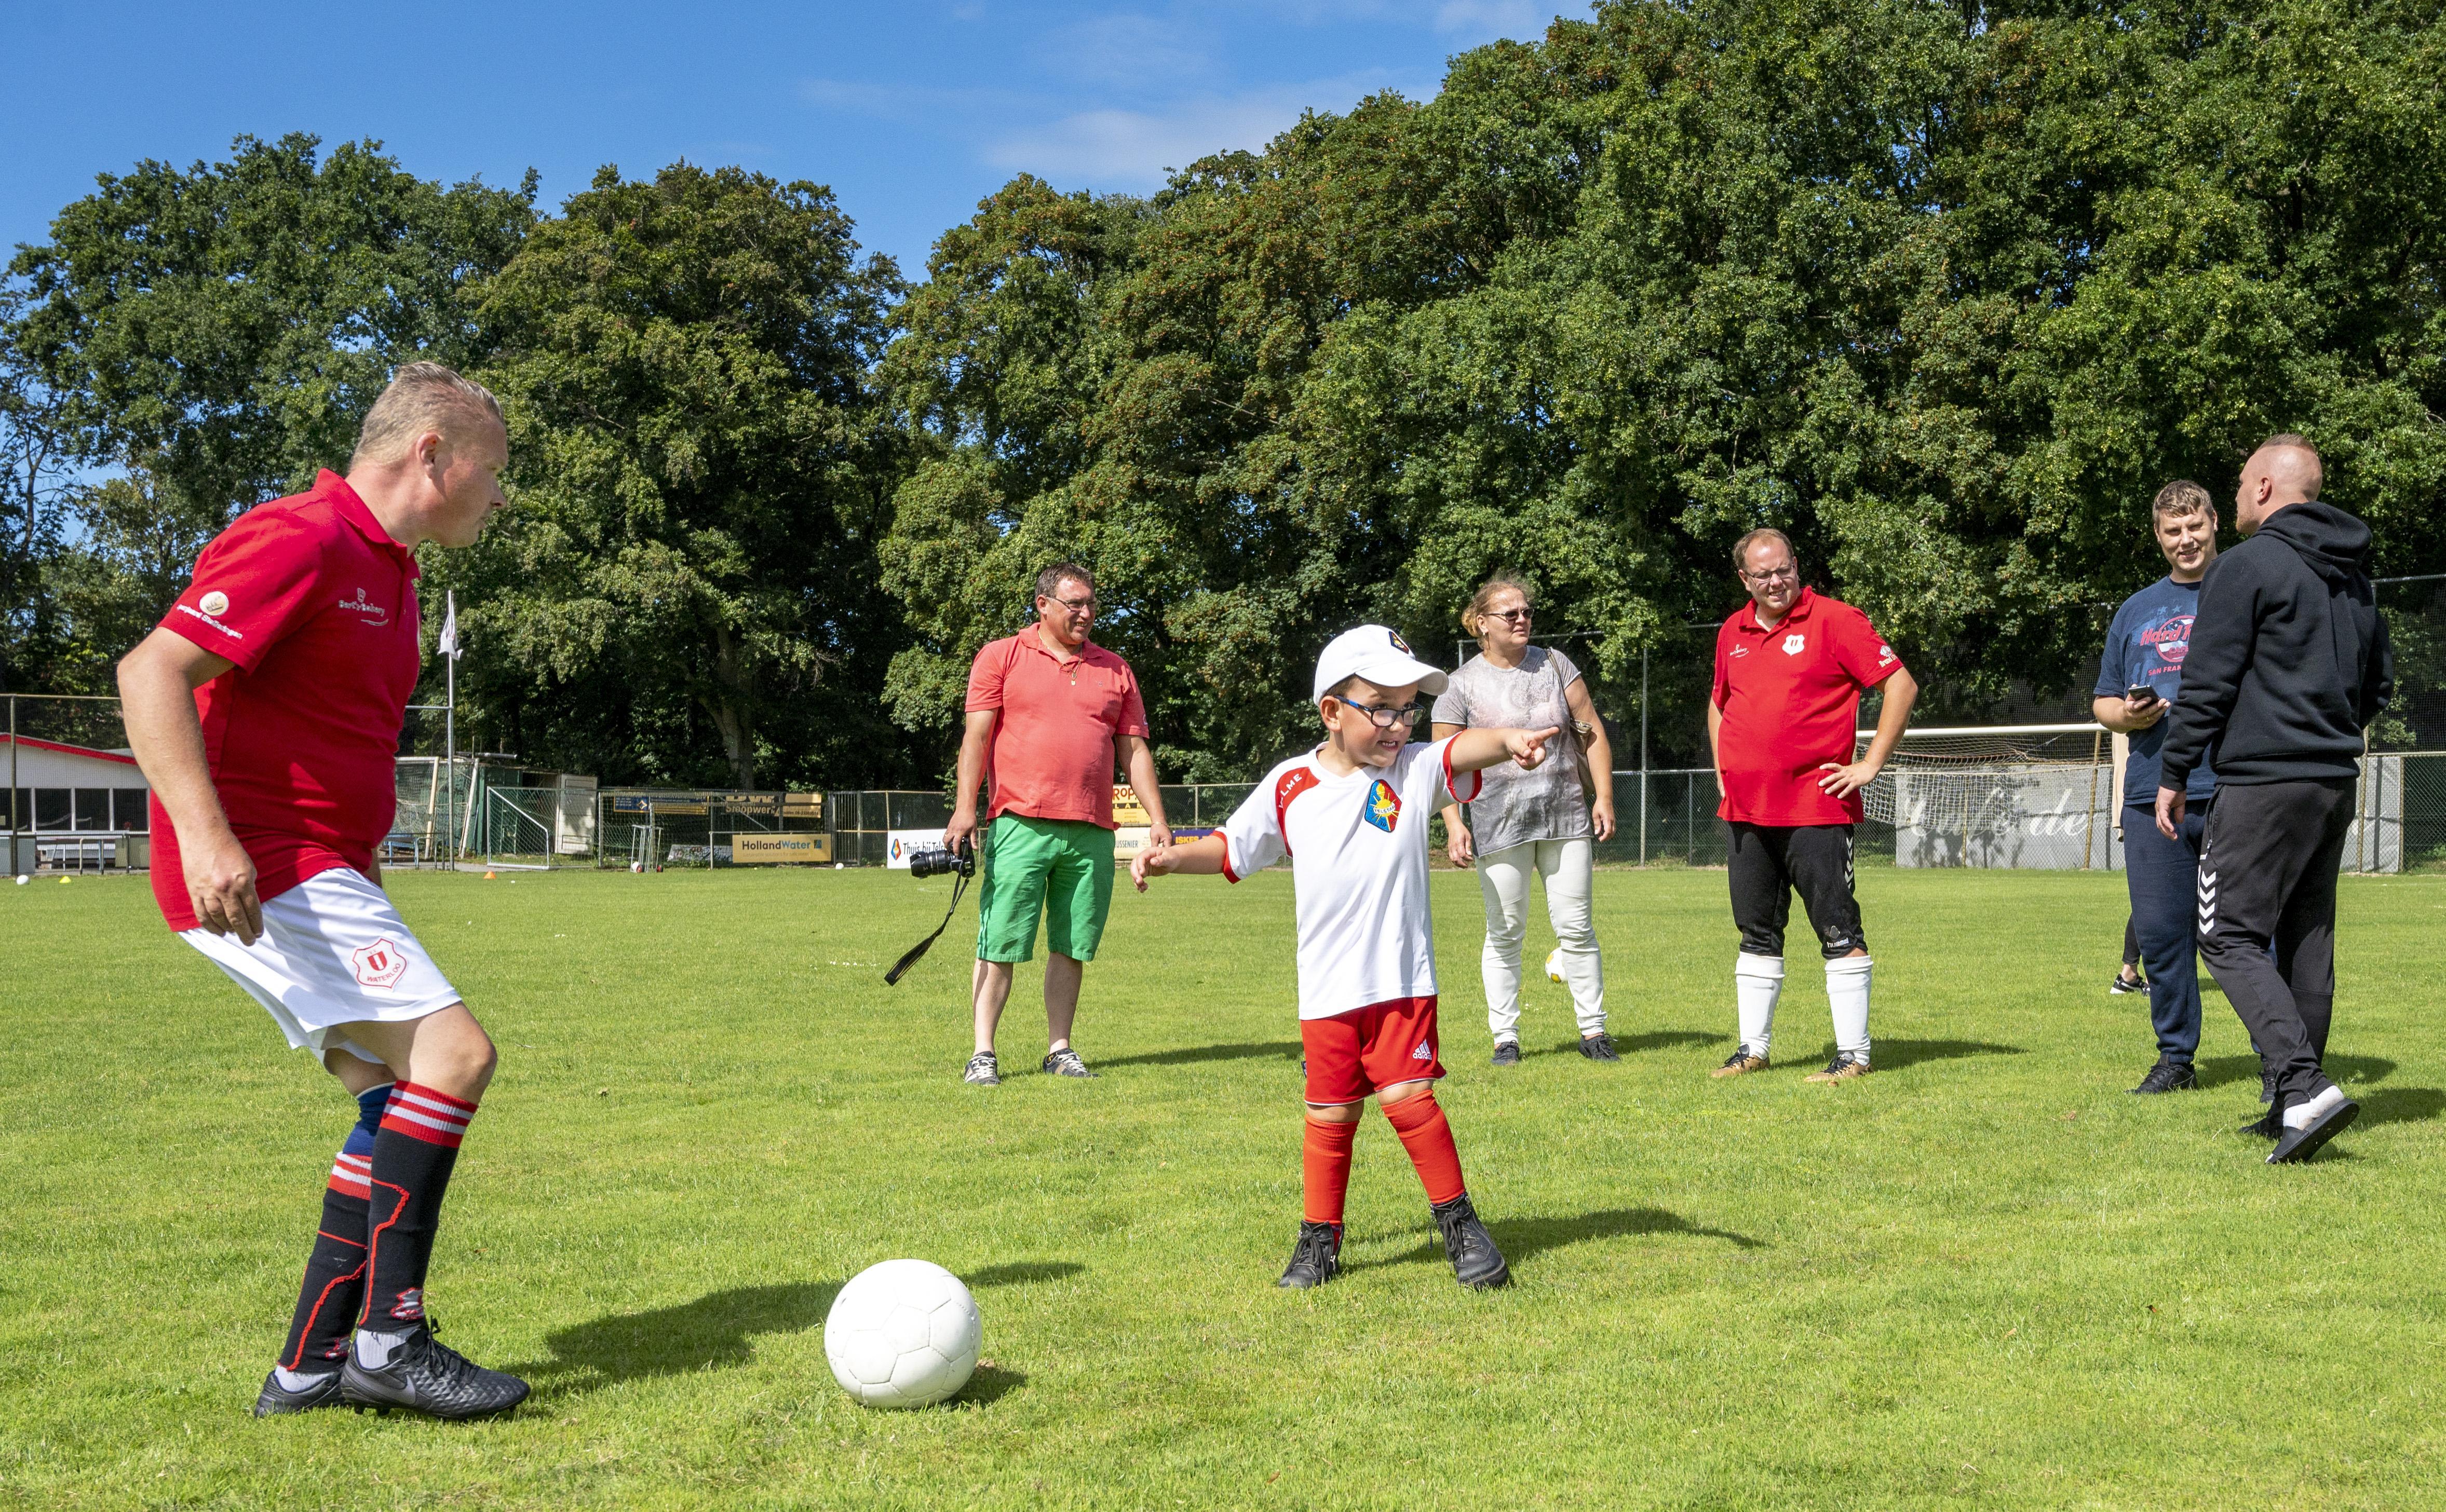 G-voetbalteam in Driehuis zoekt nieuwe leden, anders gaat het ten onder. 'Het is een heel gezellige club', zegt speler Jeroen Schoonakker